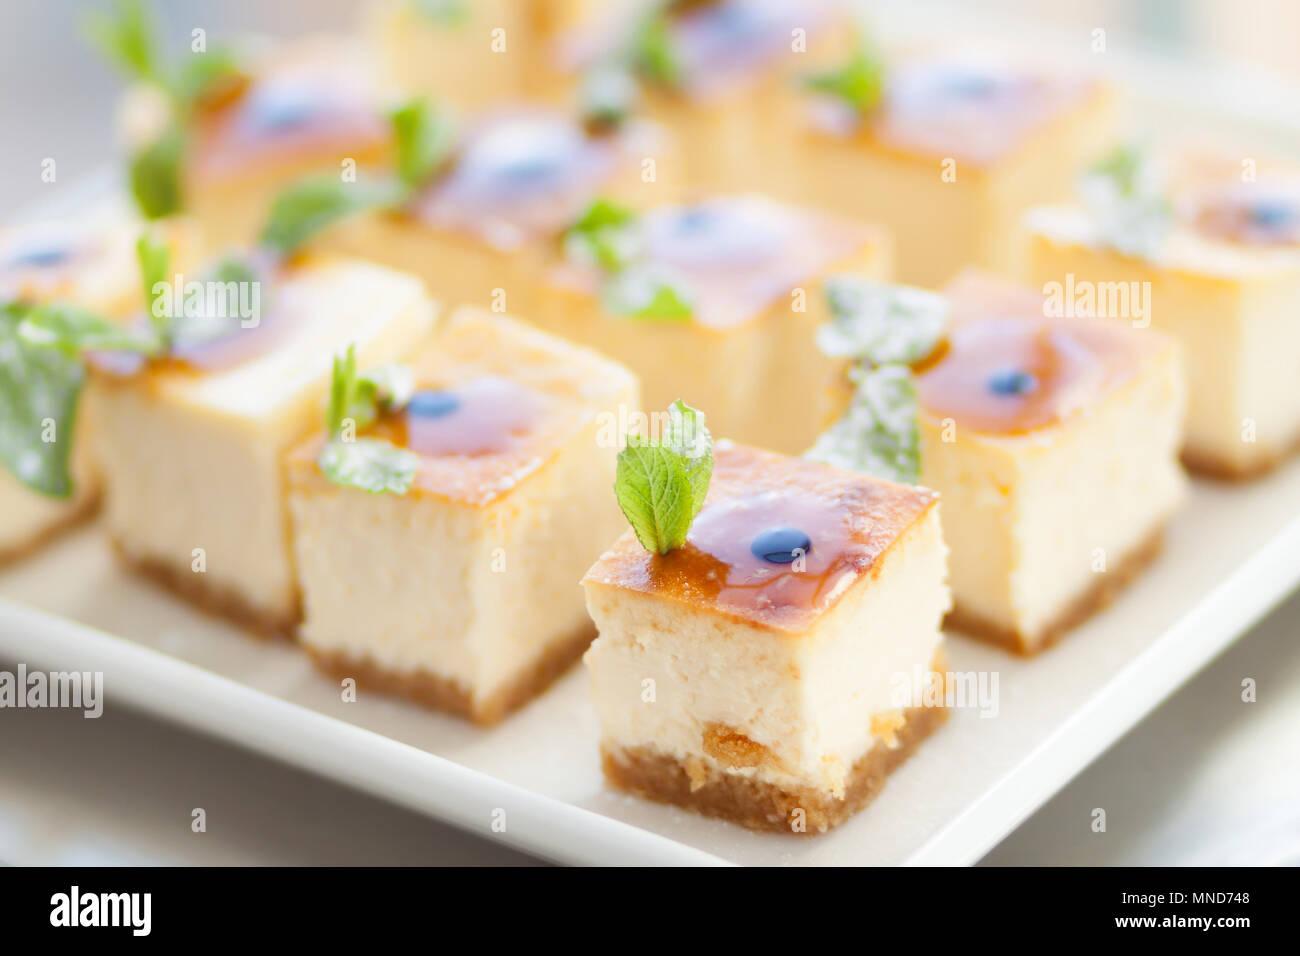 Appétissant gâteau au fromage avec des feuilles de menthe. Tranches de délicieux dessert sur assiette blanche. Photo Stock